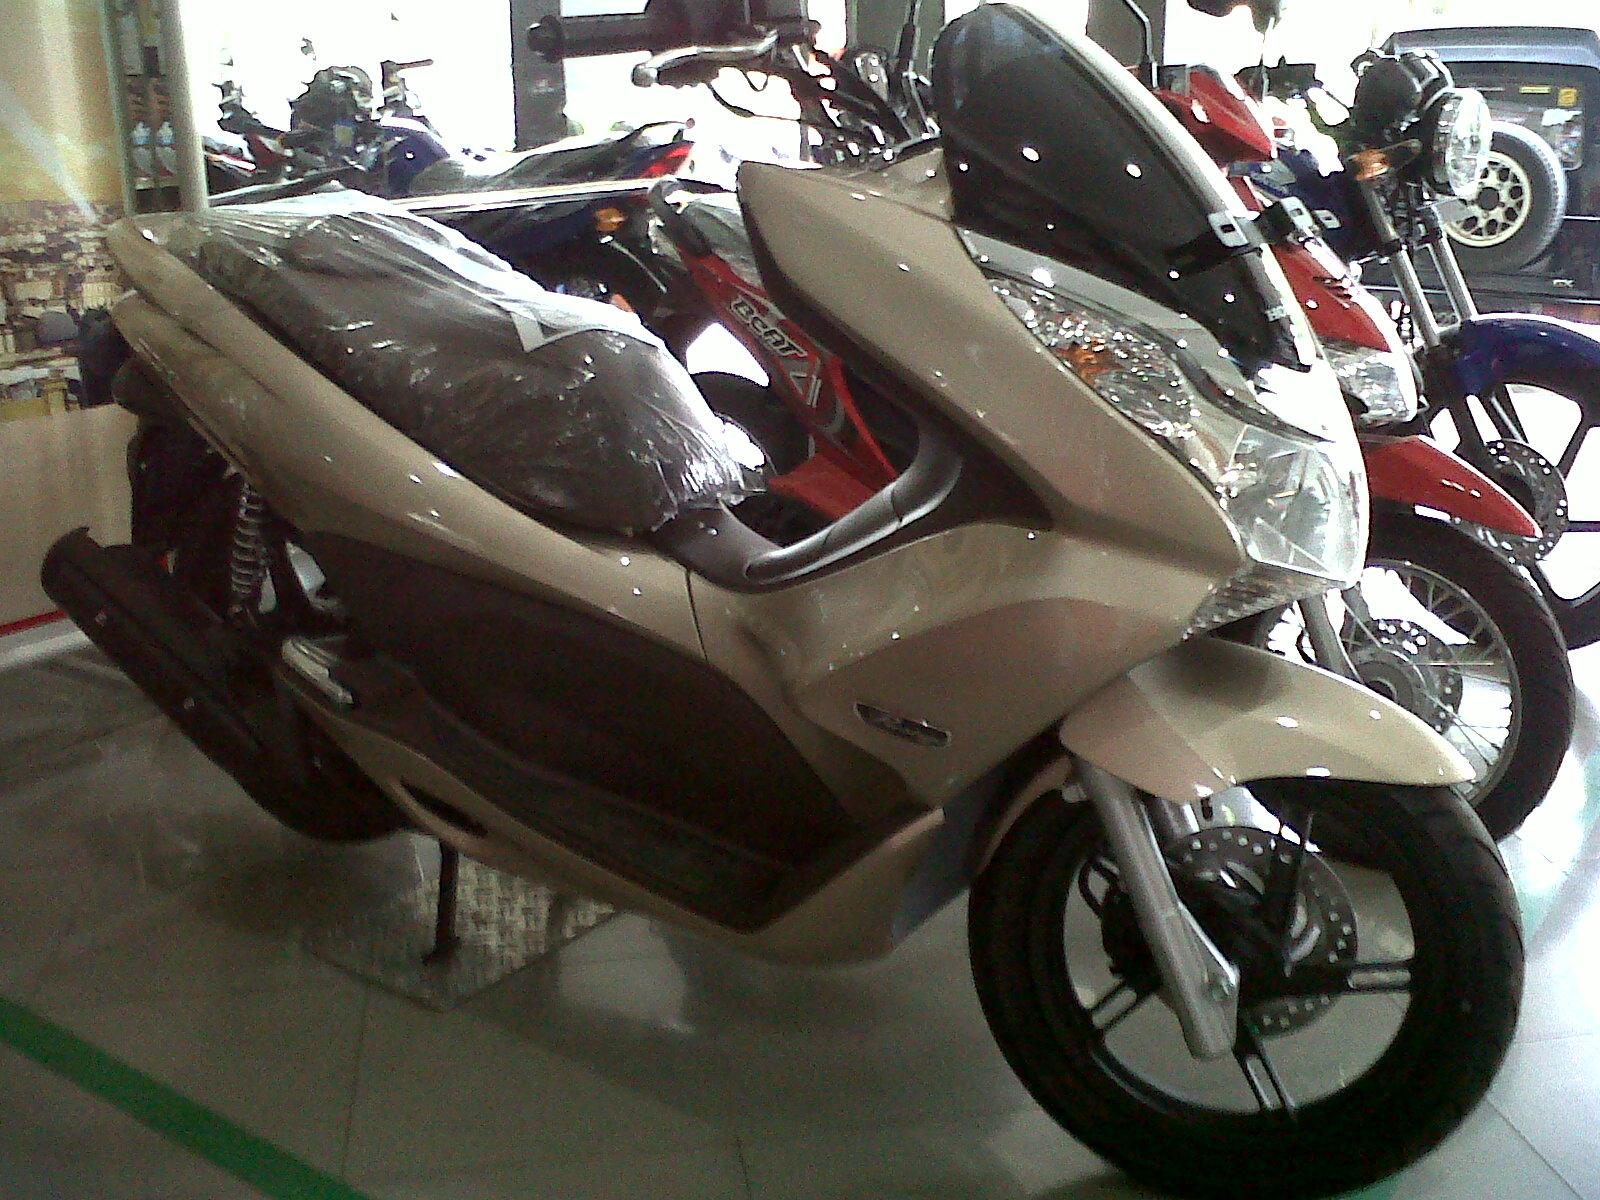 99 Gambar Motor Matic Yamaha Yang Baru Terlengkap  Gubuk